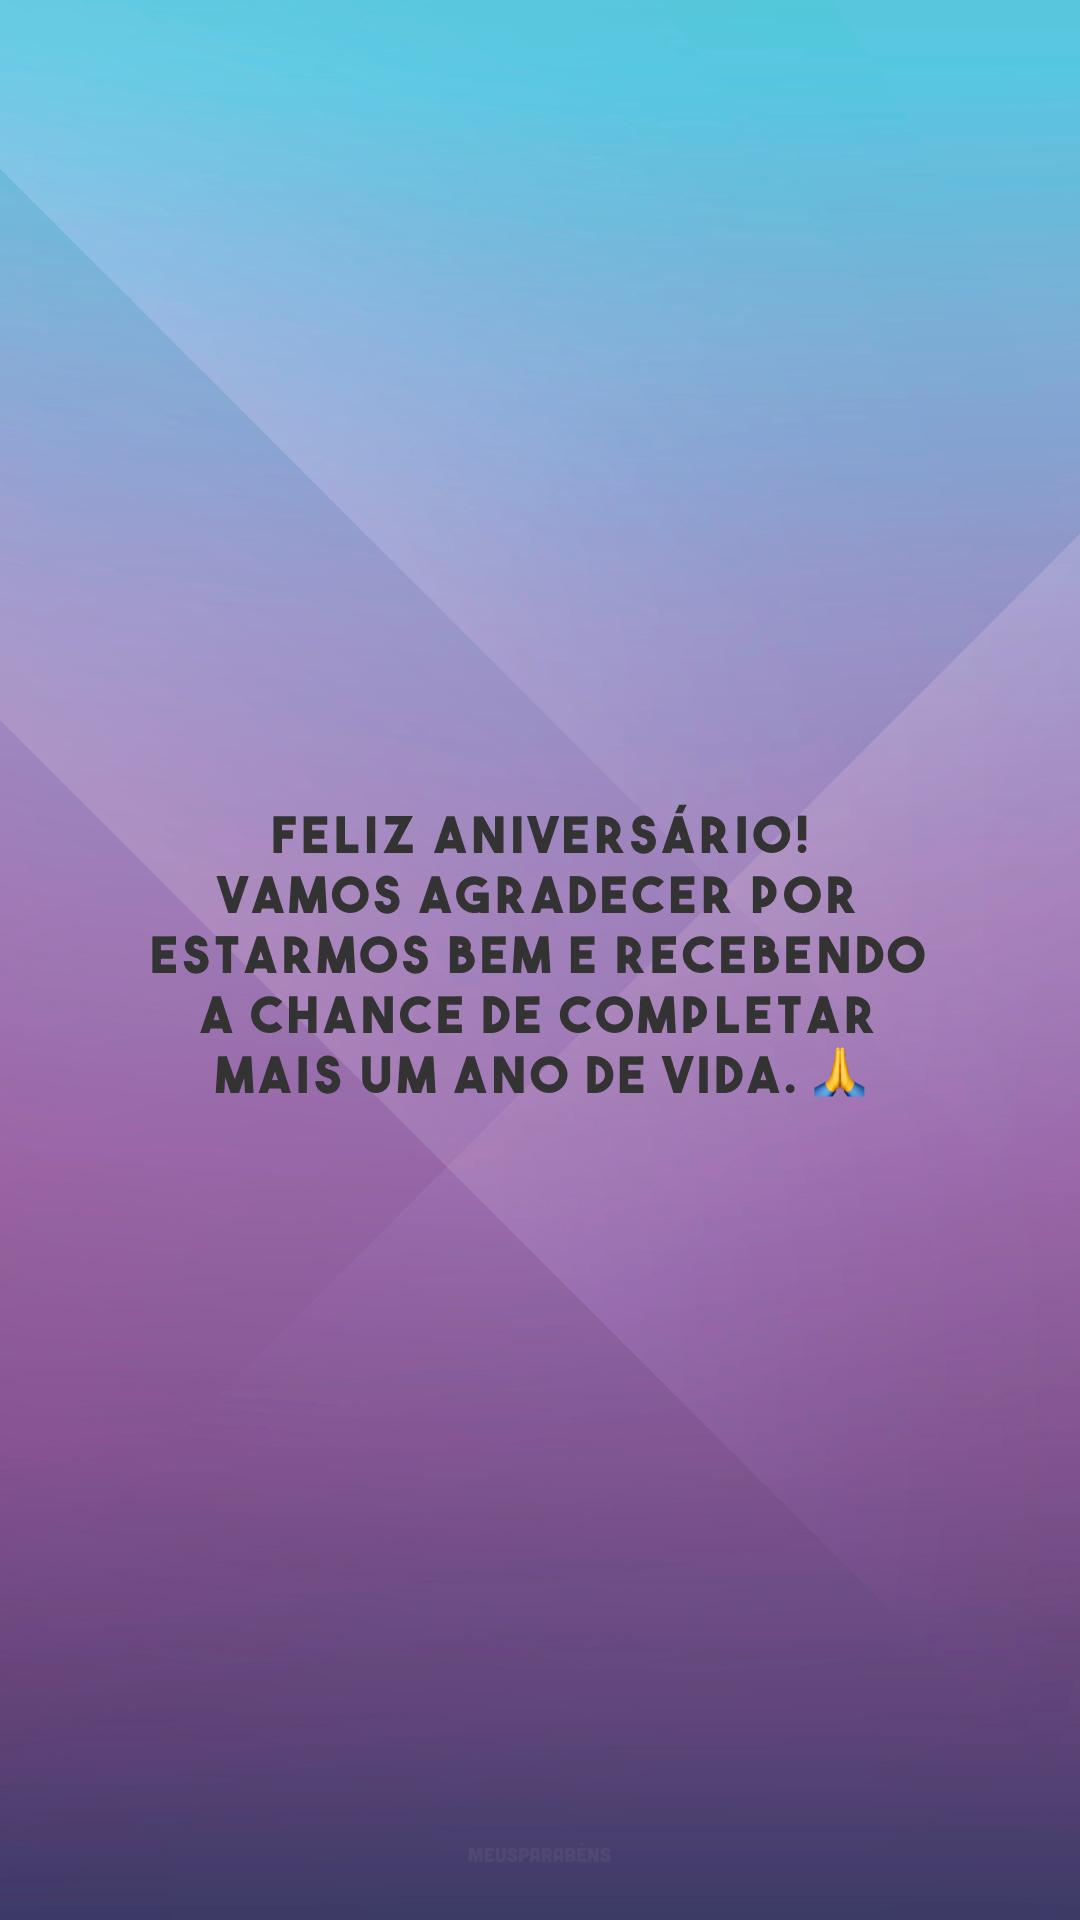 Feliz aniversário! Vamos agradecer por estarmos bem e recebendo a chance de completar mais um ano de vida. 🙏